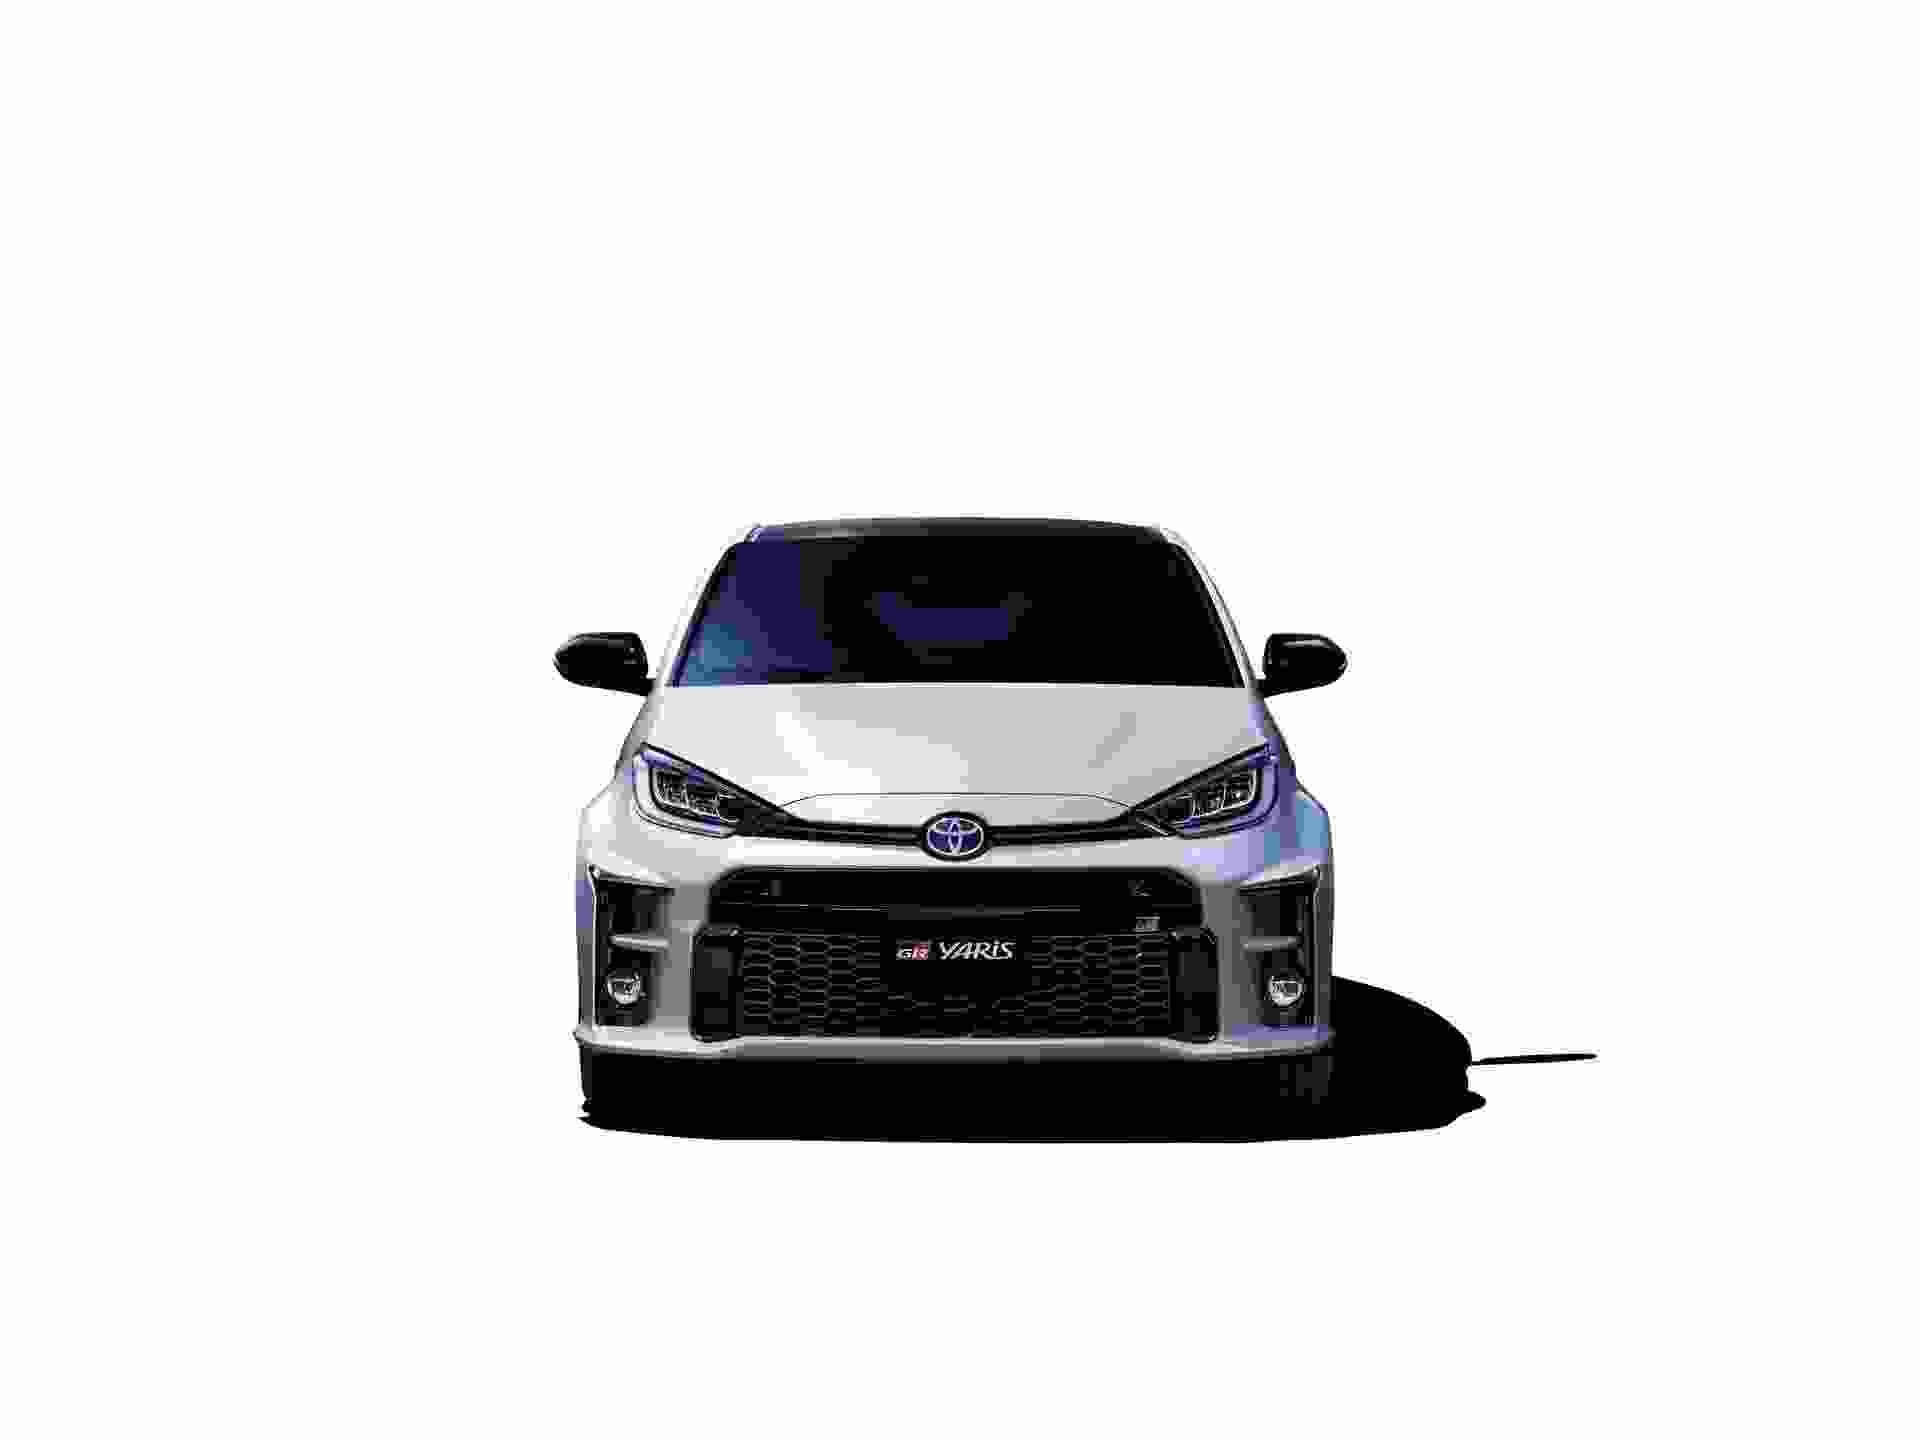 Toyota_GR_Yaris_JDM_0011